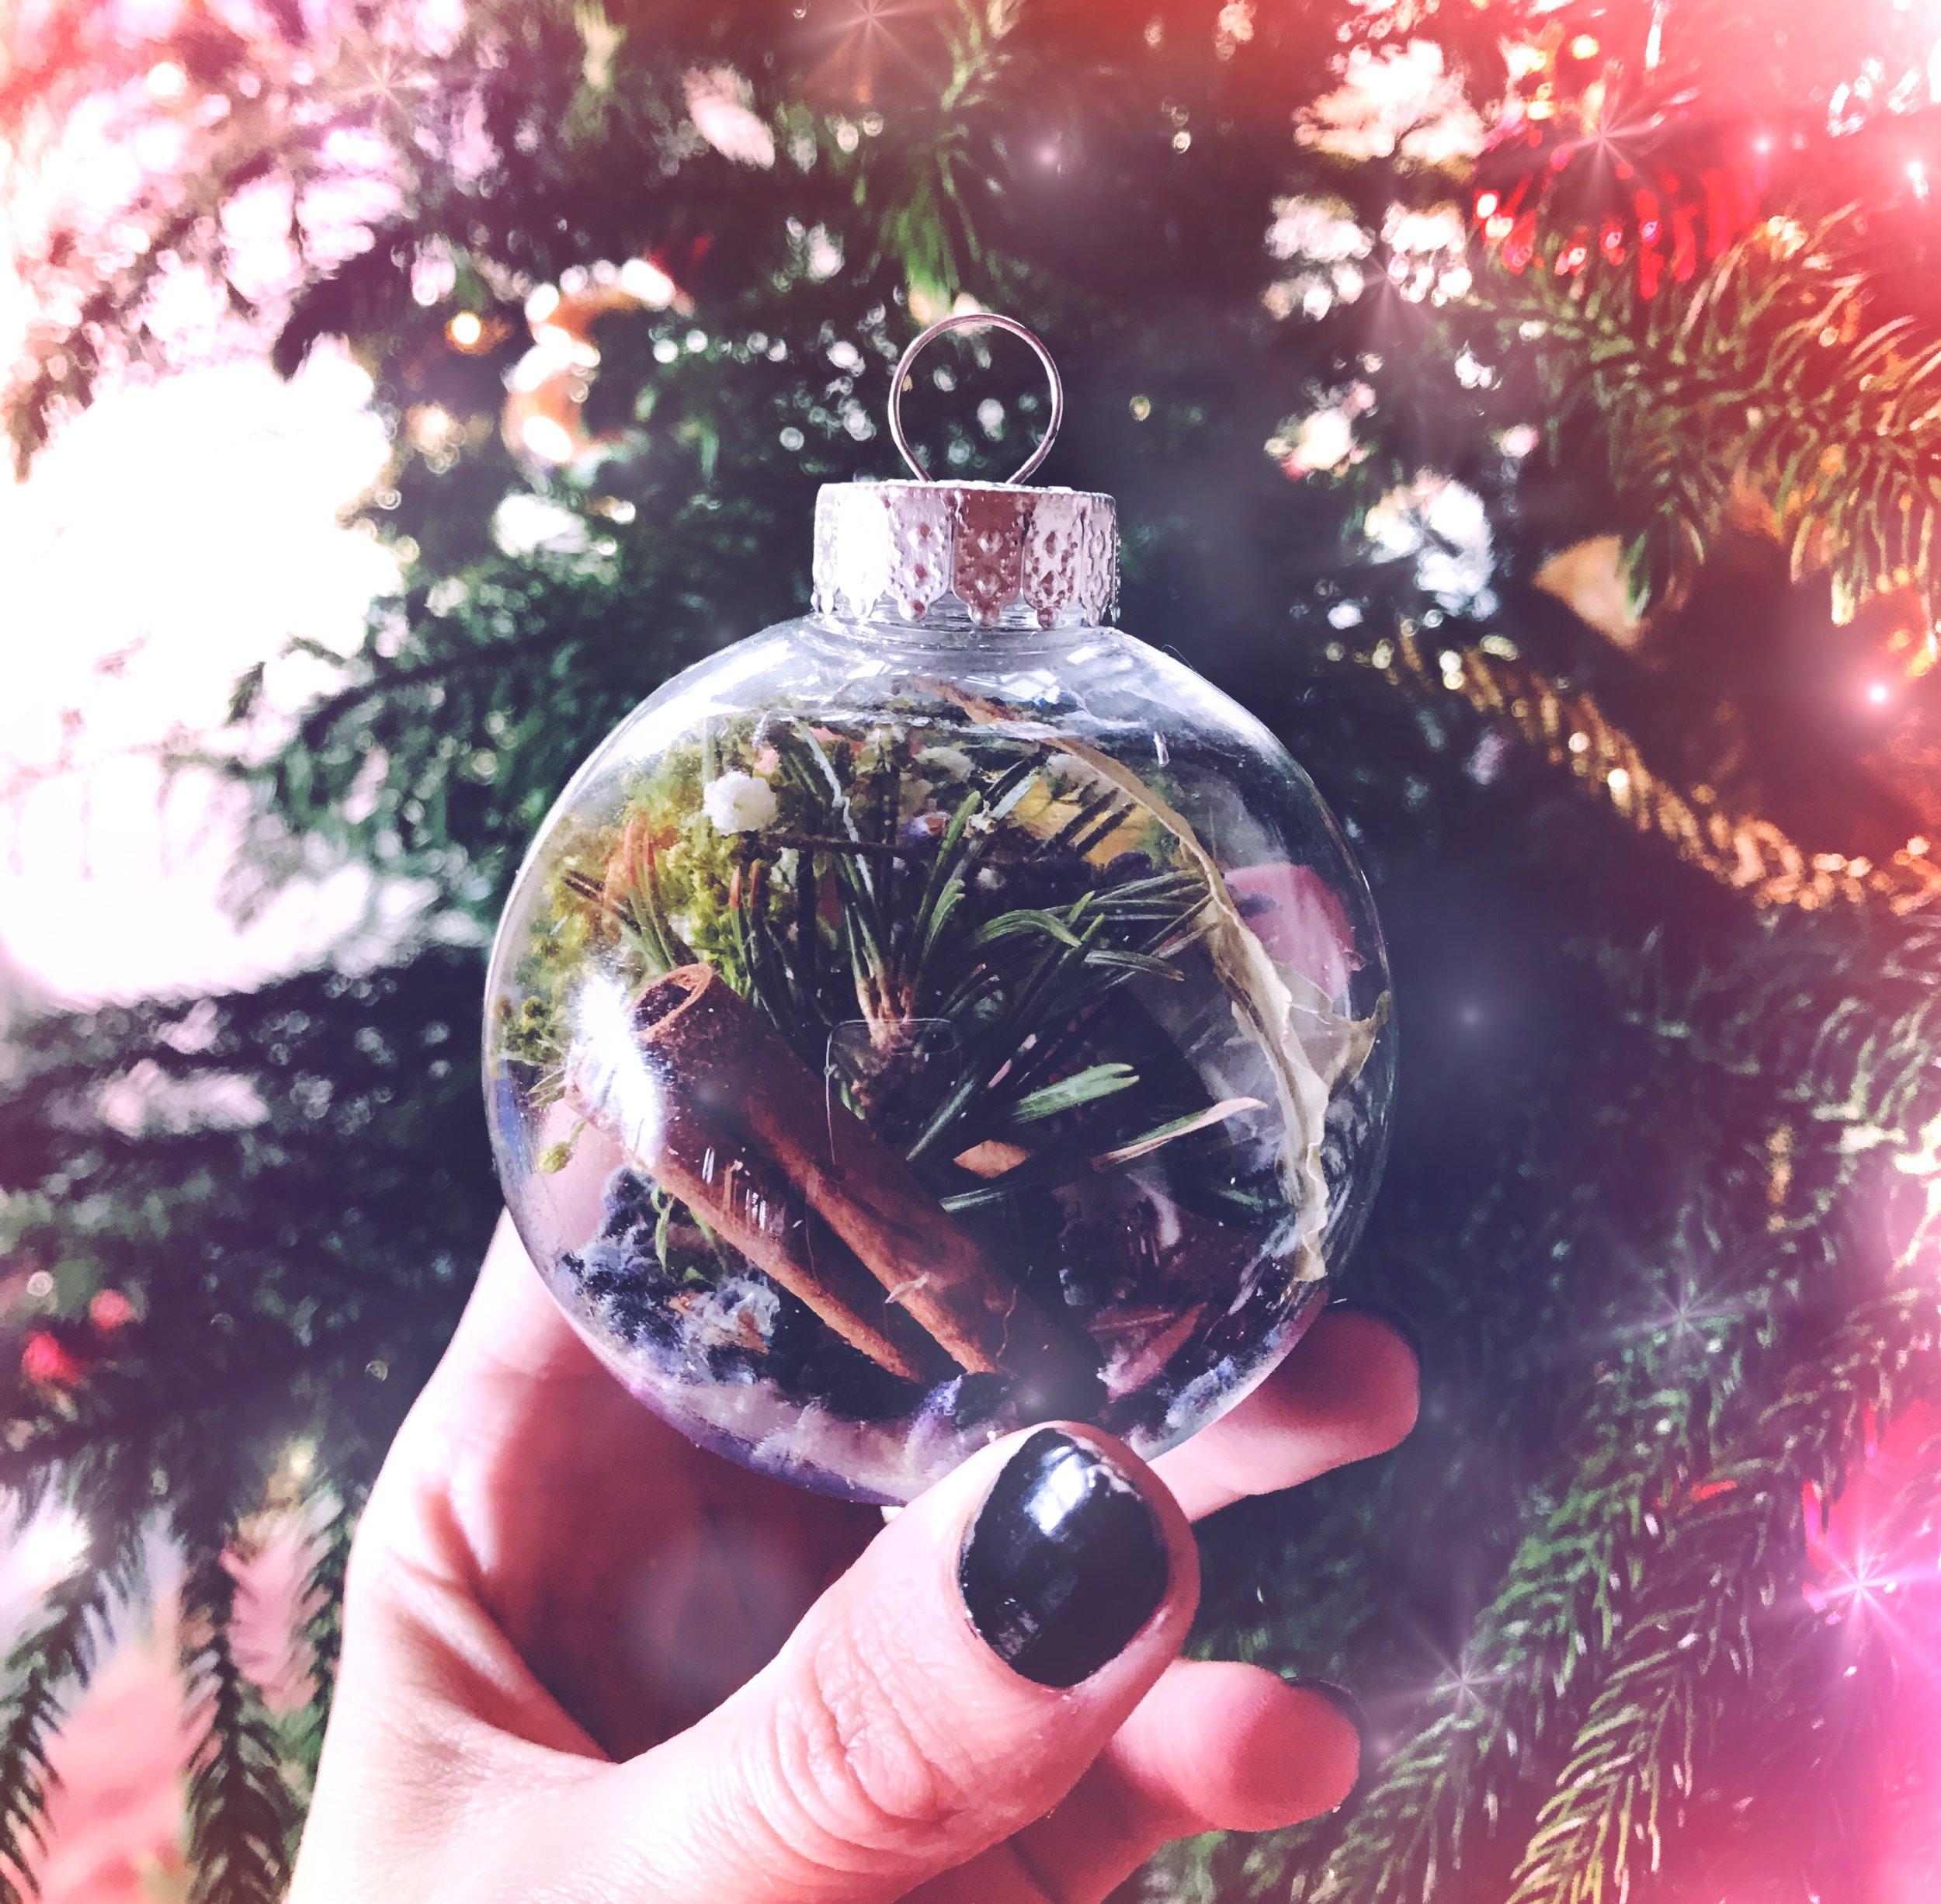 Spirit de la Lune | Witches bauble DIY yule ornament